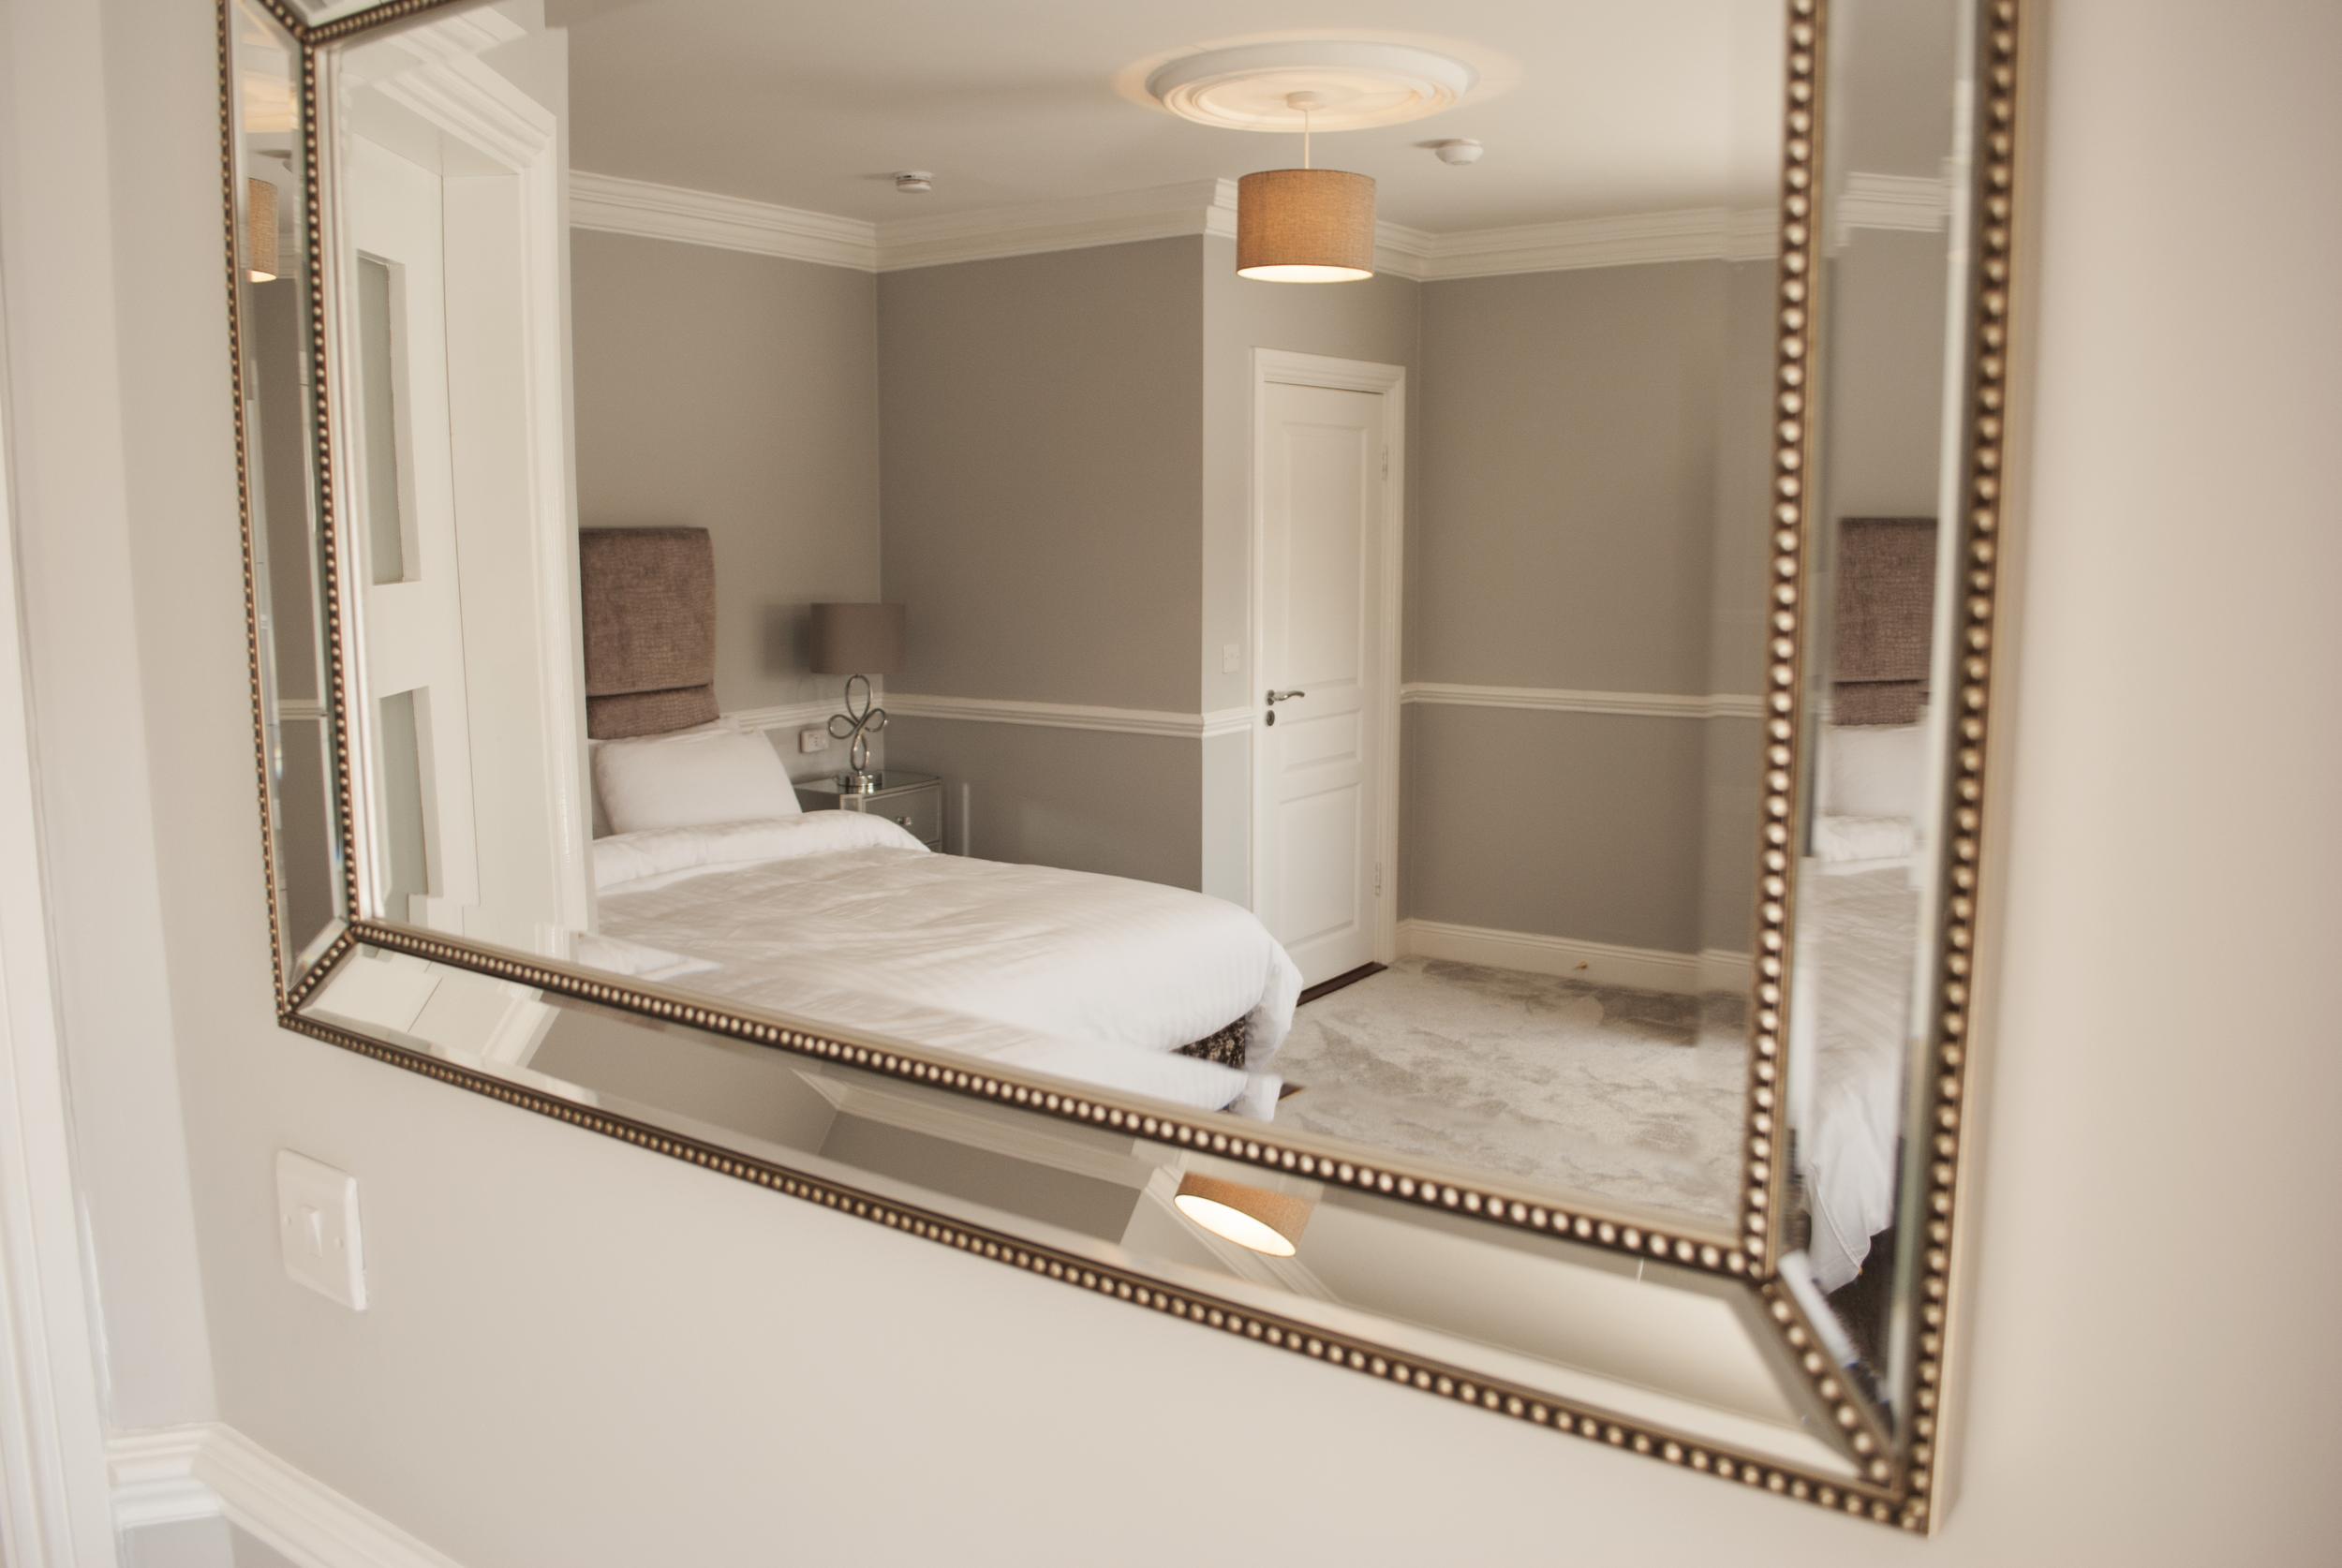 William vincent wallace suite Arlington Lodge Suites Waterford